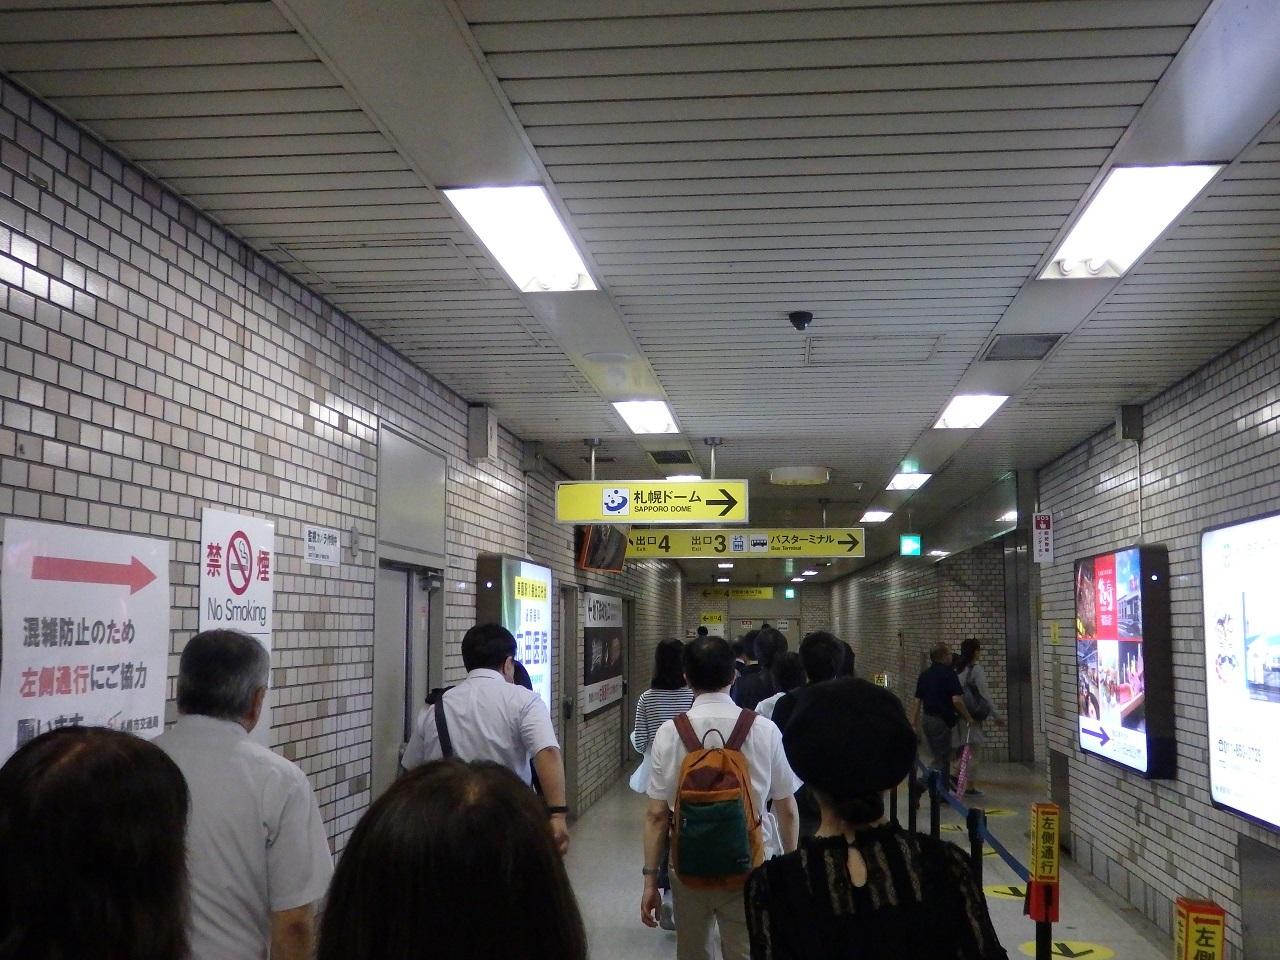 札幌 ドーム 地下鉄